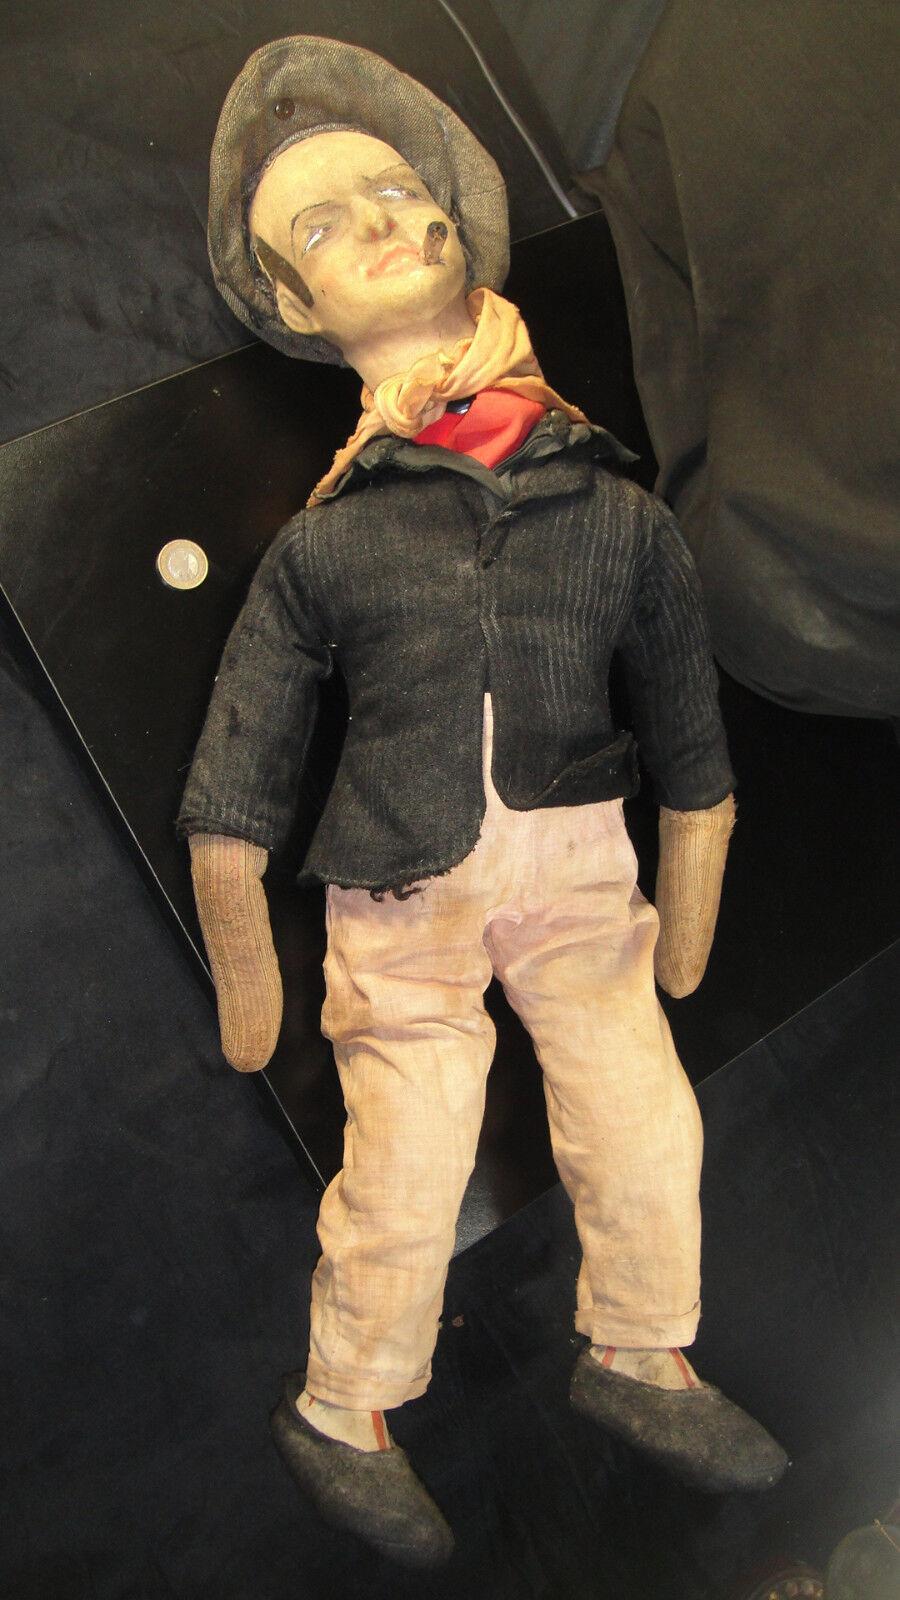 Poupée ancienne homme apache voyou 1900 jouet ancien